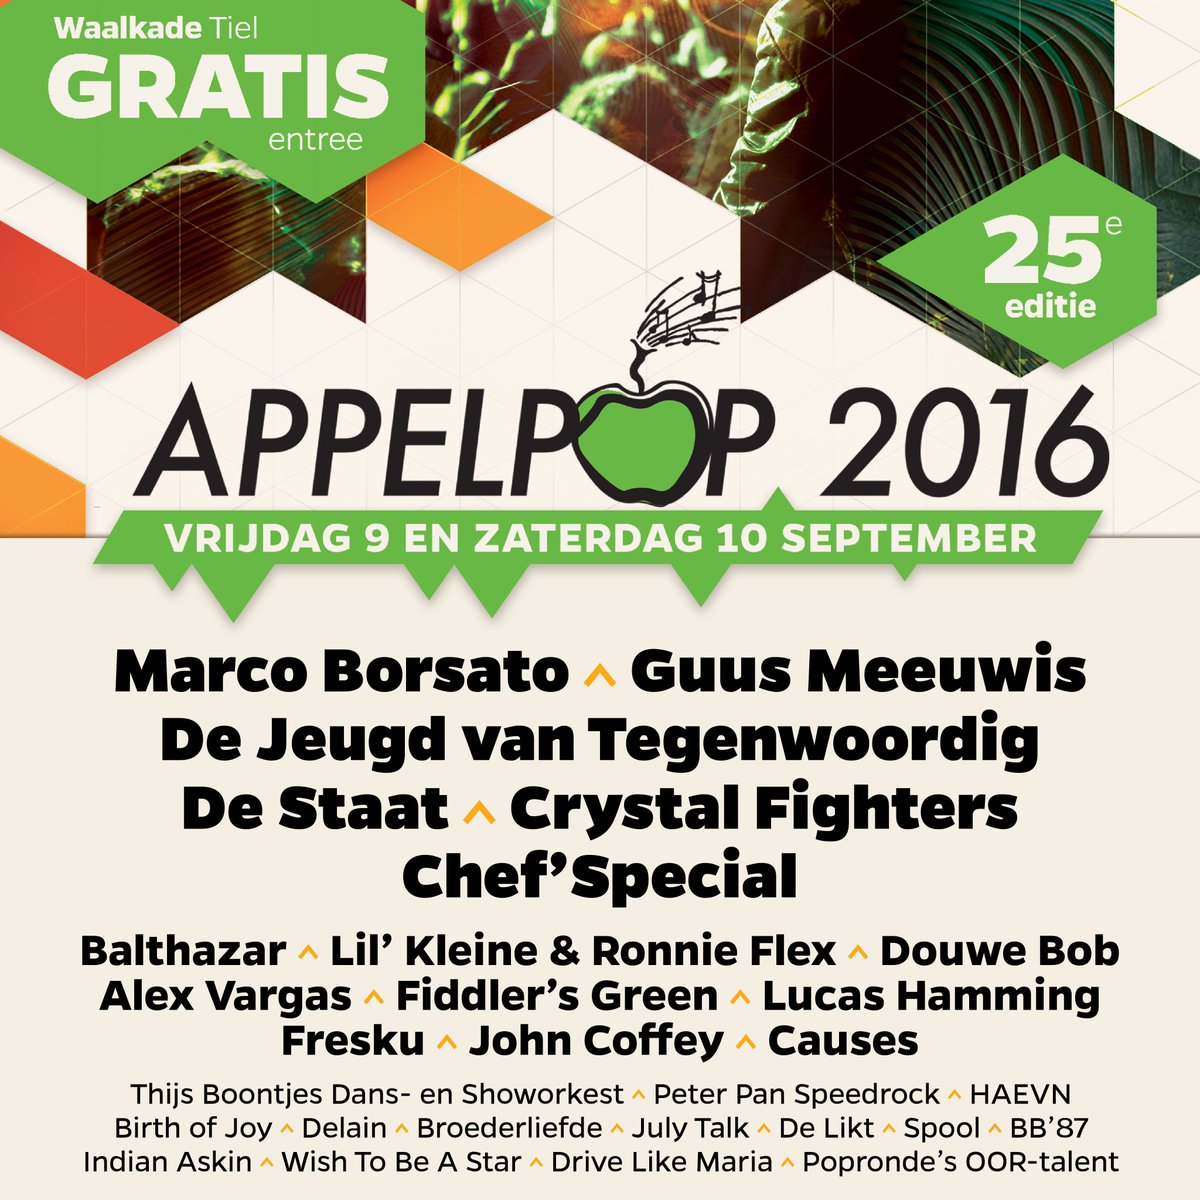 De volledige line-up van de 25e editie van Appelpop is bekend! #Appelpop2016 #gratis #festival https://t.co/CEdj2XXAPO